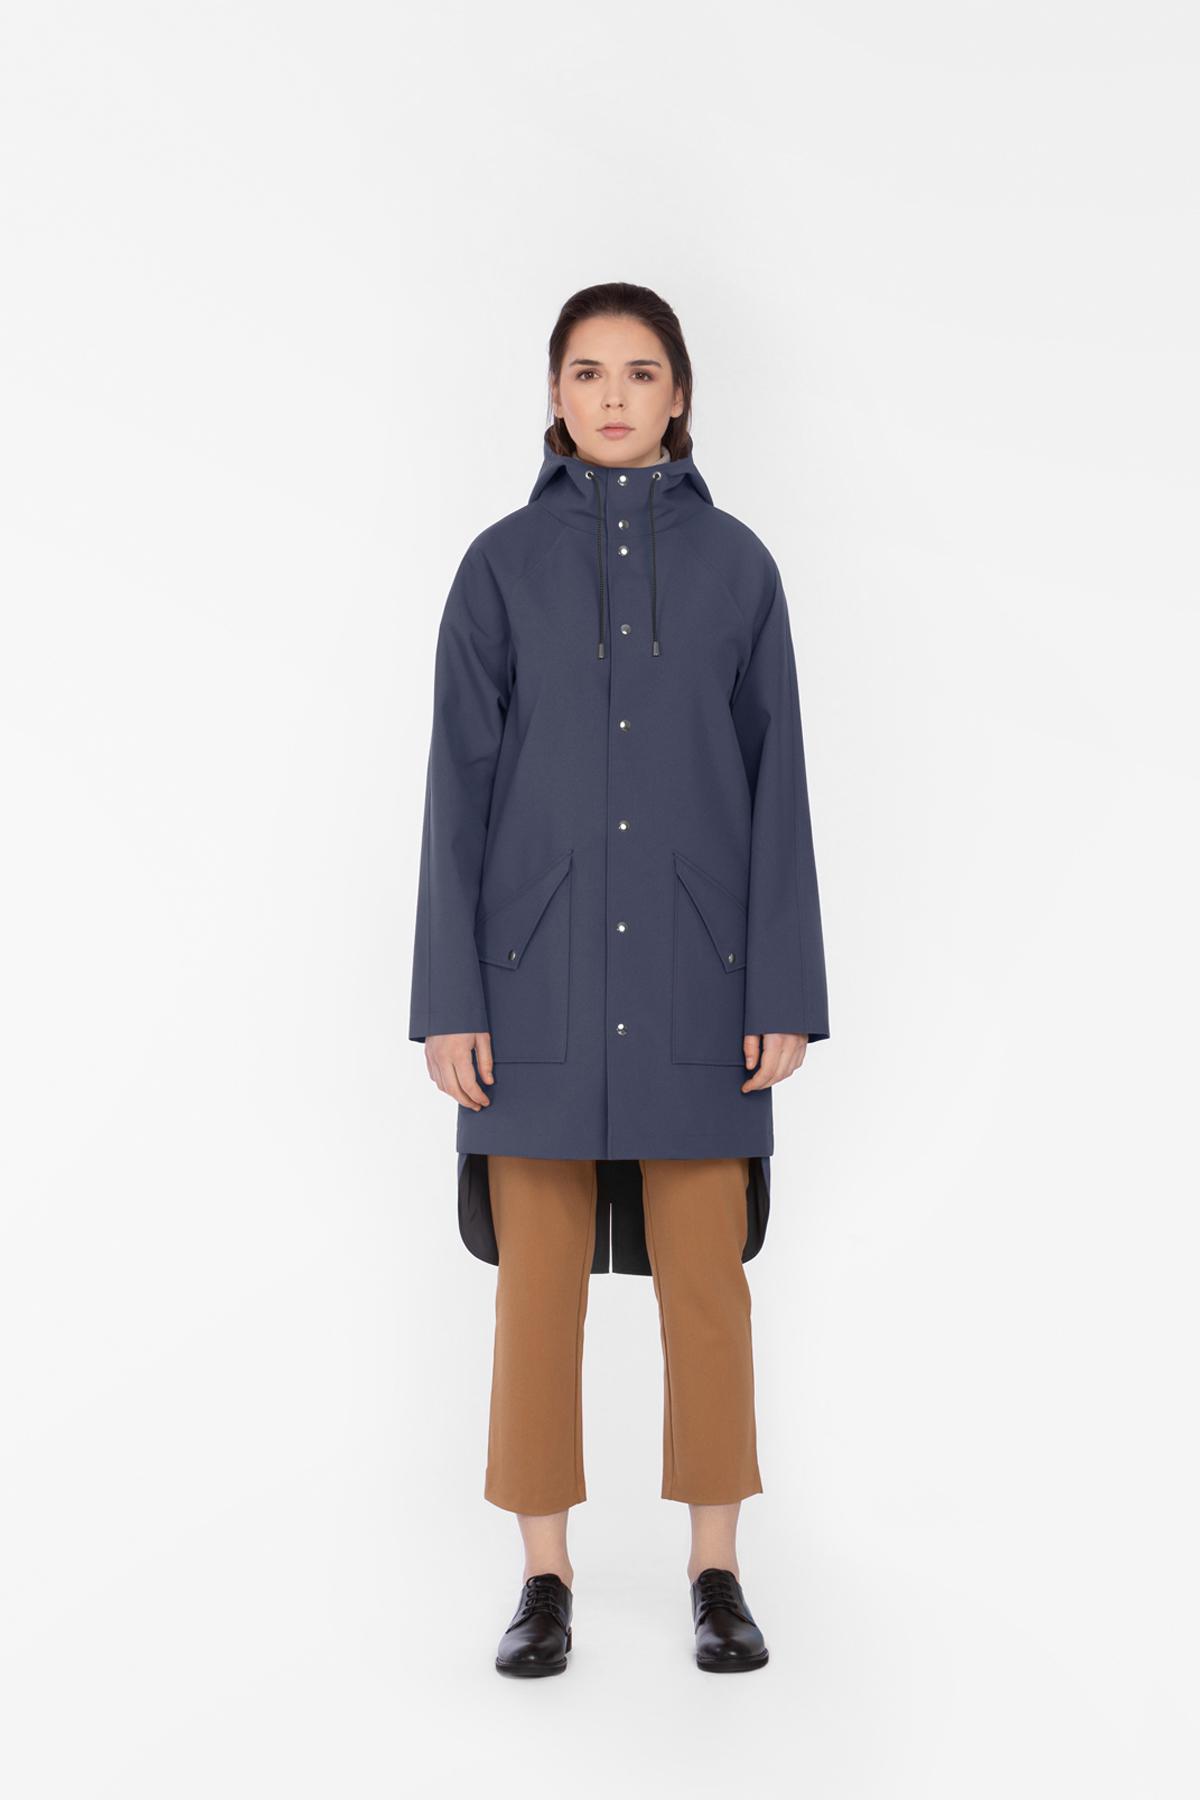 Unisex raincoat 157